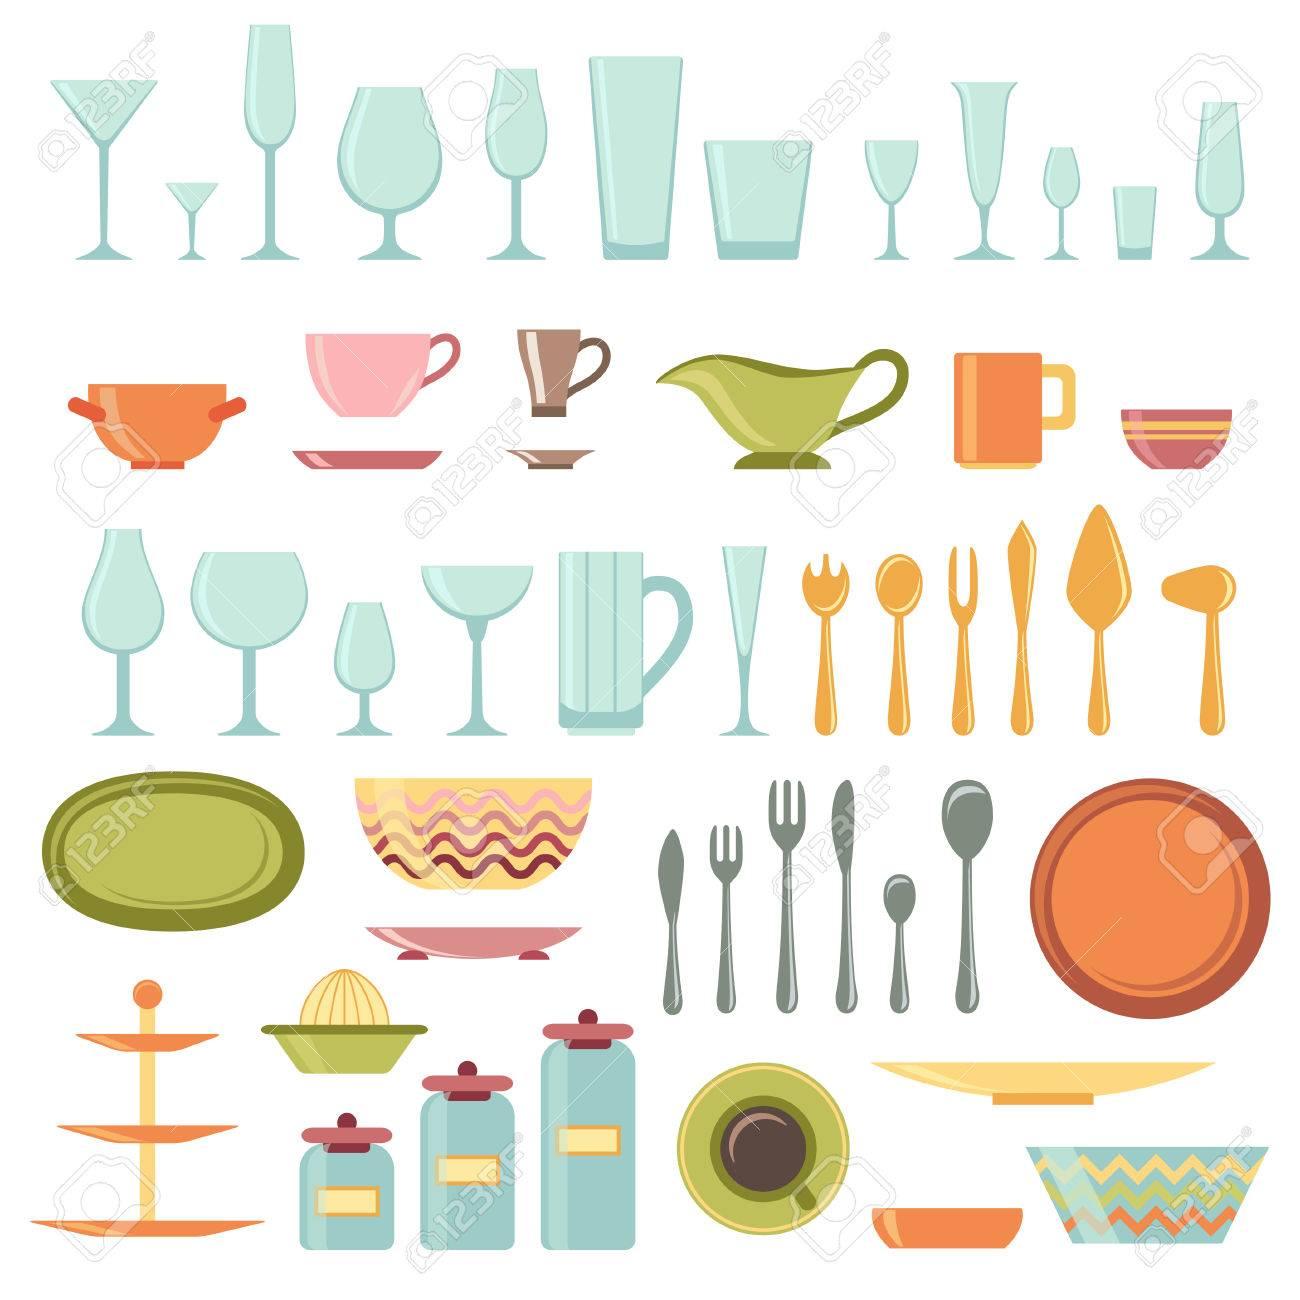 Küchenutensilien Und Kochgeschirr Symbole Gesetzt, Kochen Werkzeuge ...